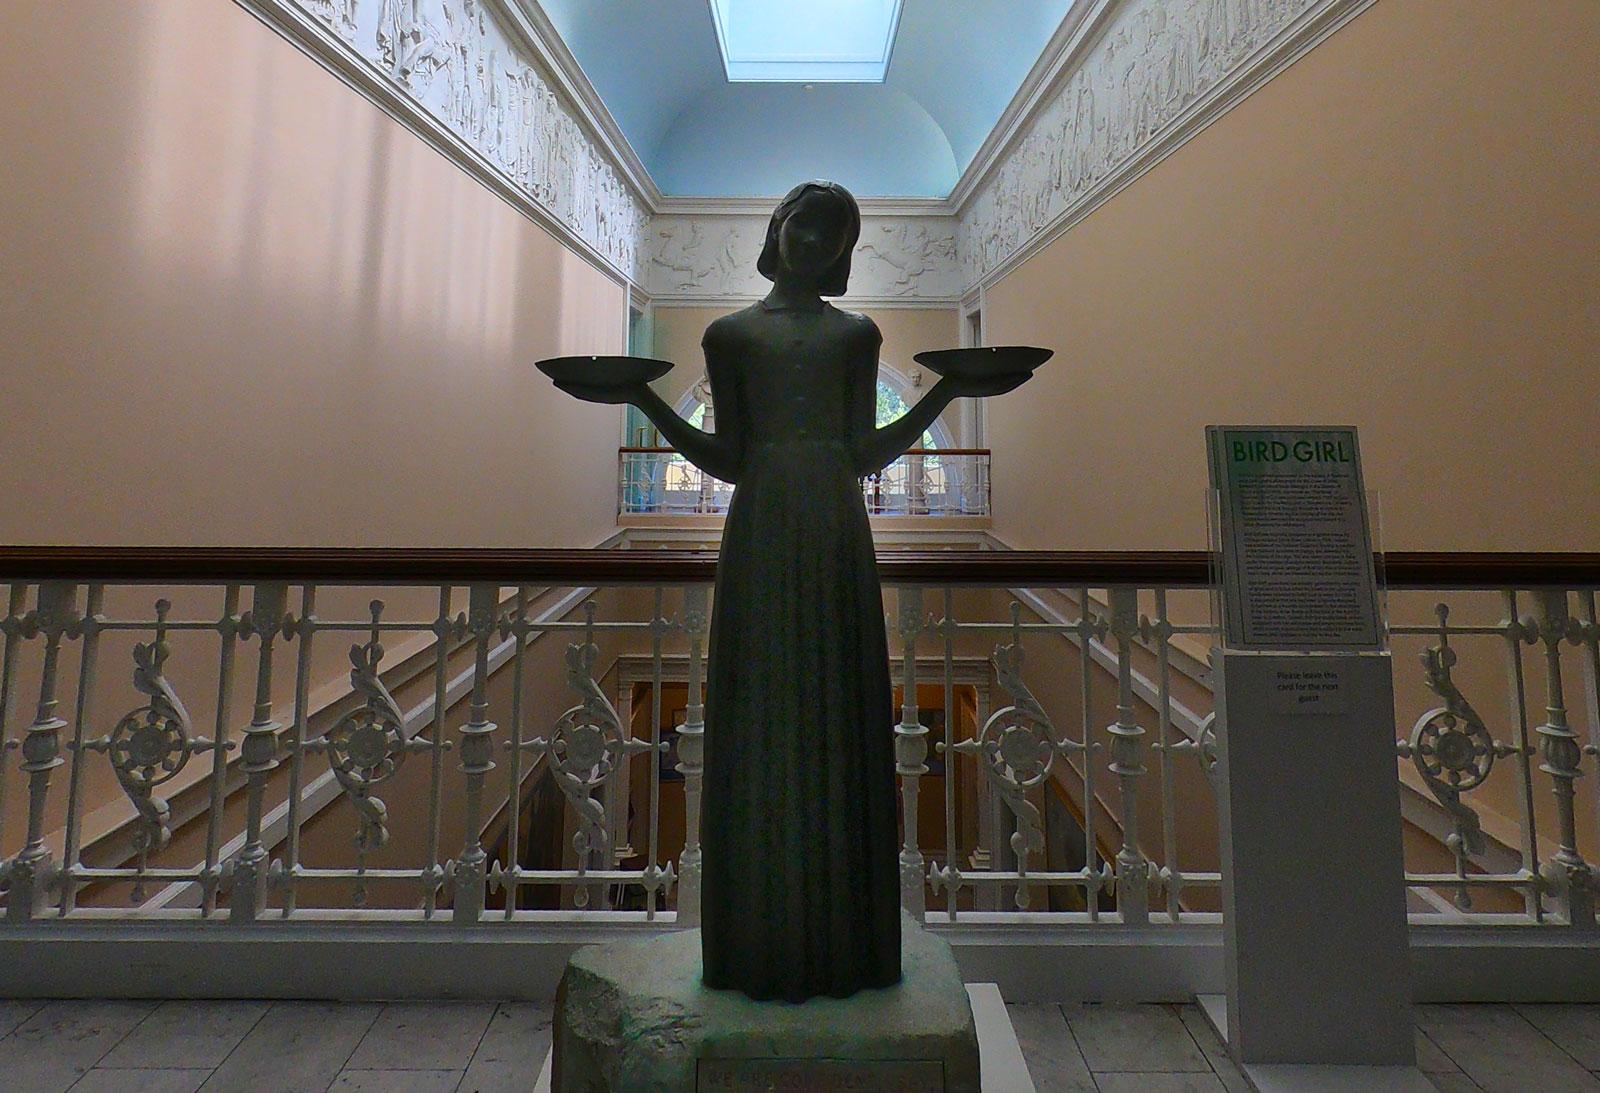 Bird Girl statue at the Telfair Academy in Savannah, Georgia